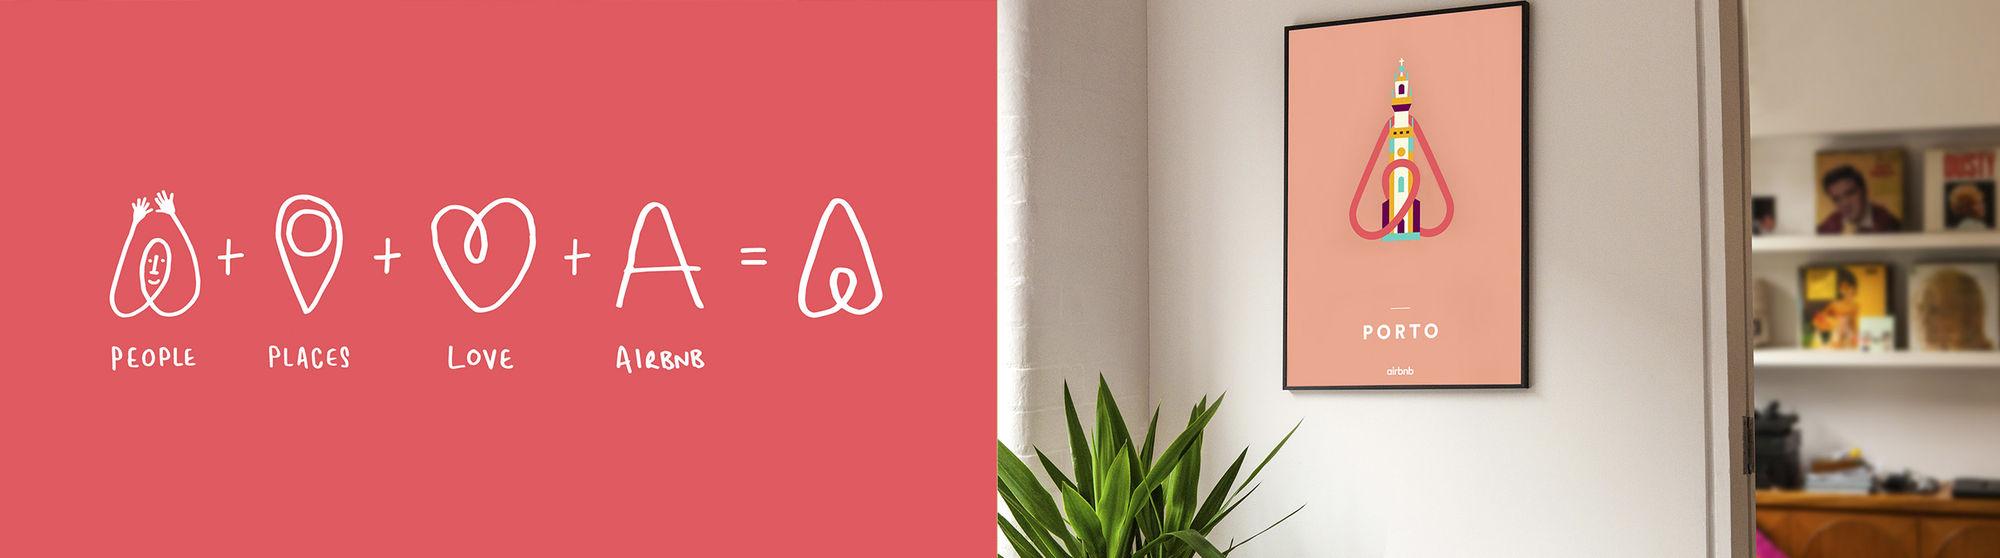 ứng dụng của logo Airbnb